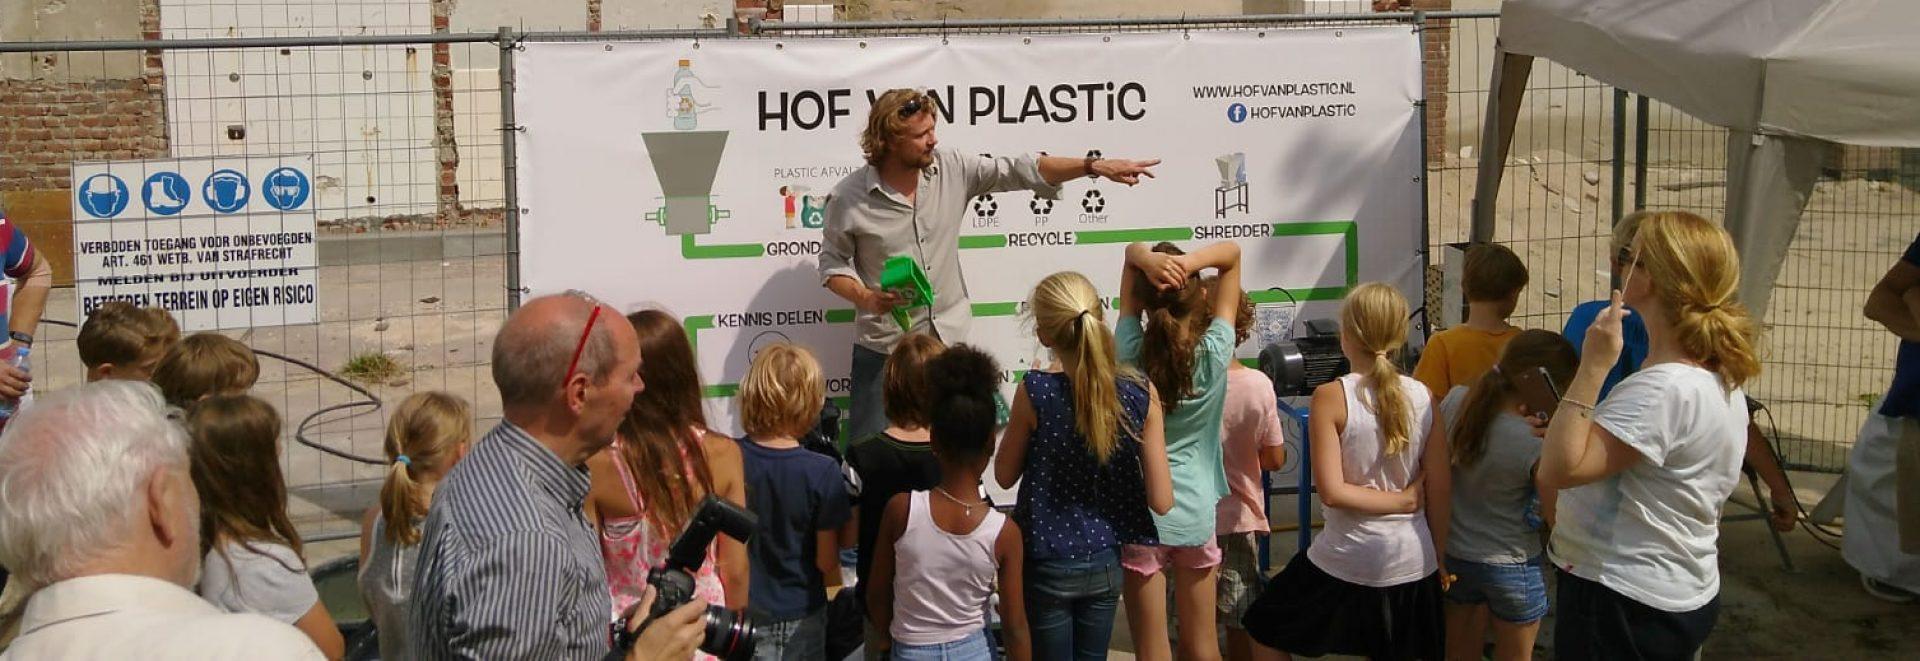 Hof van Plastic